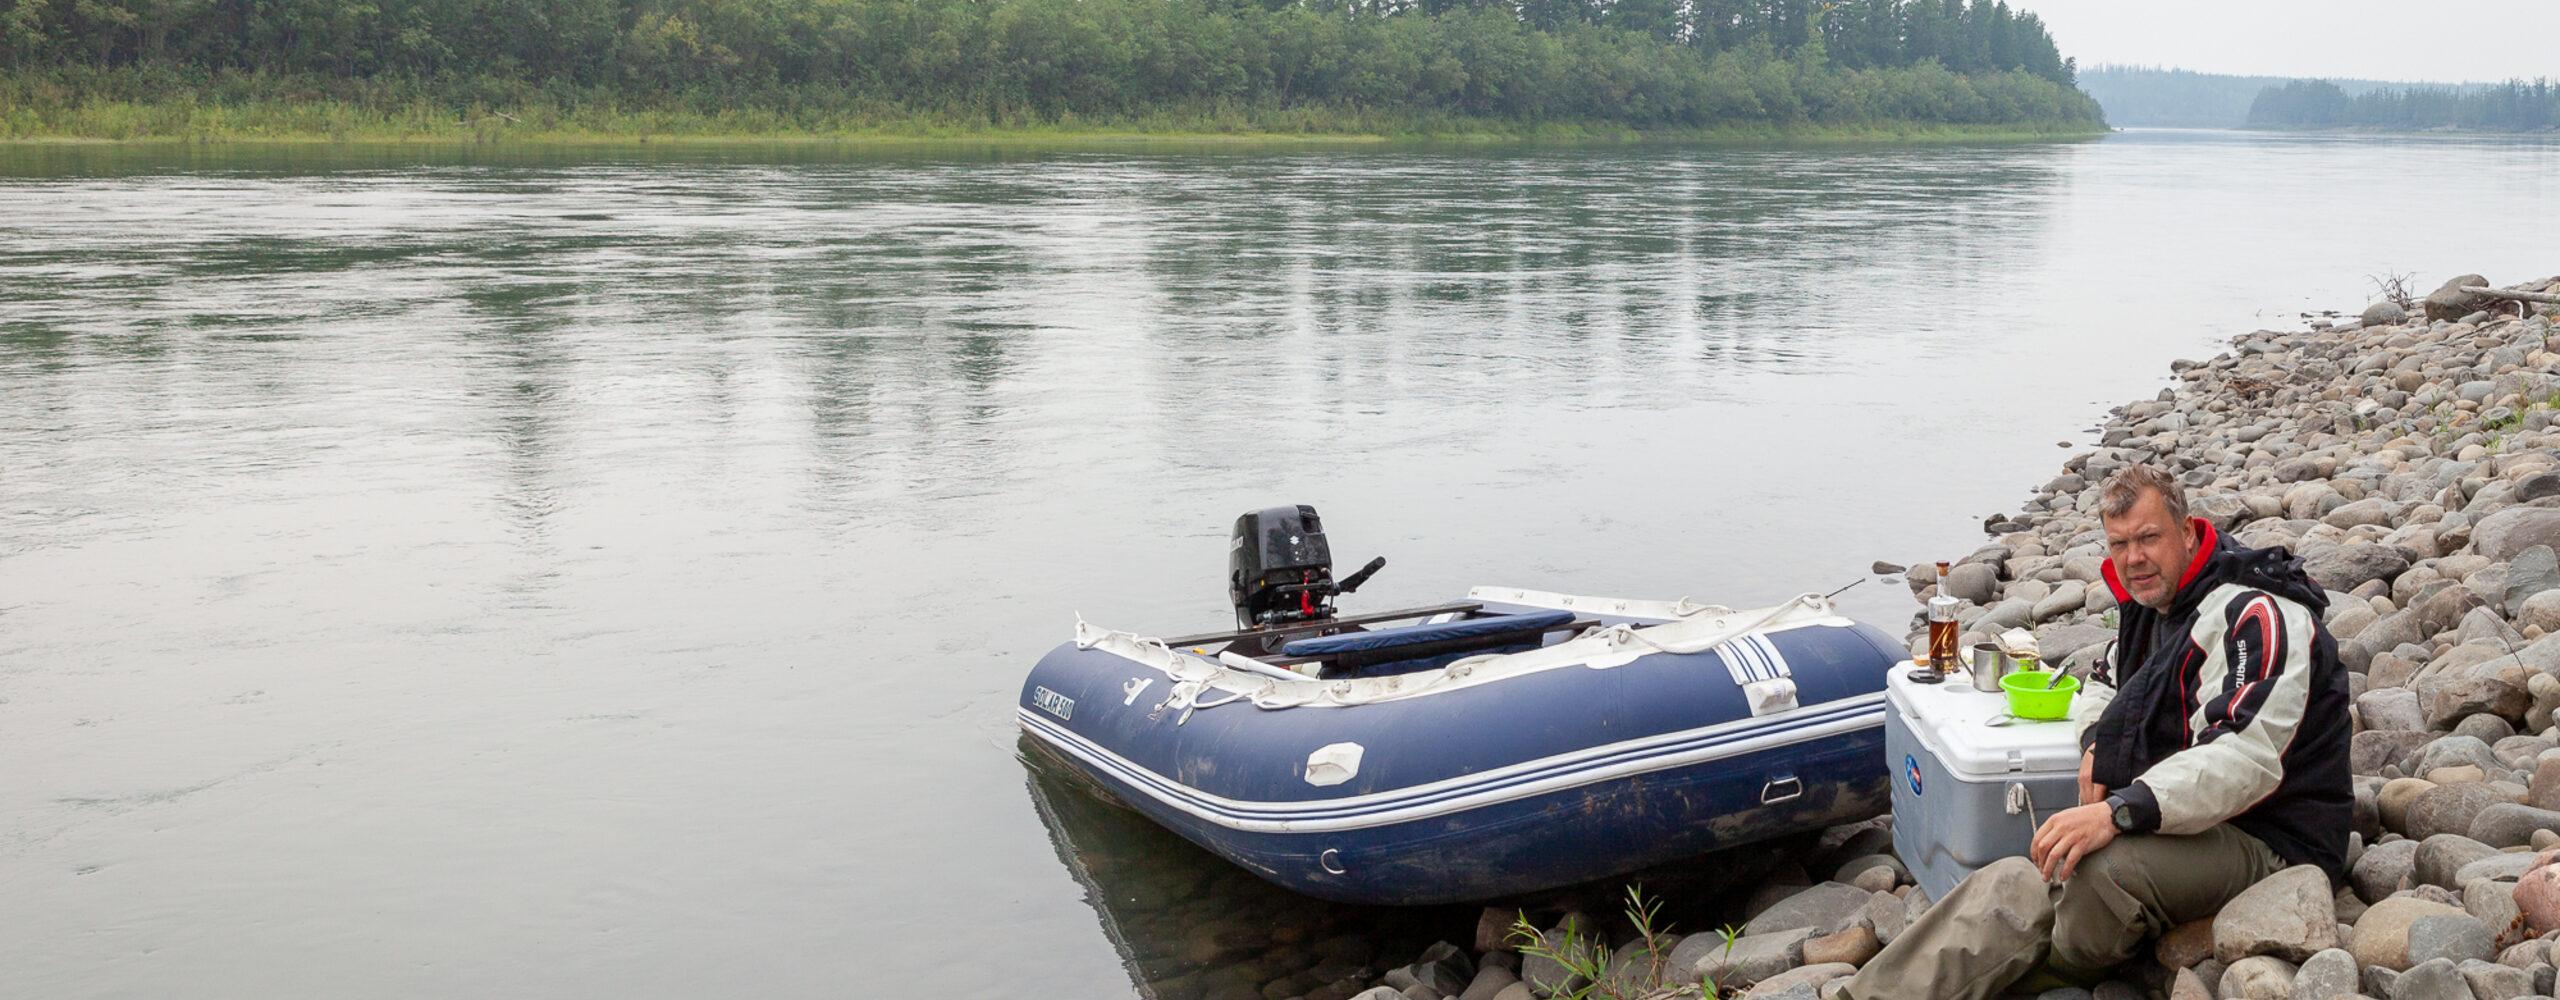 Ундюлюнг, река счастья. Часть 7. Мяско